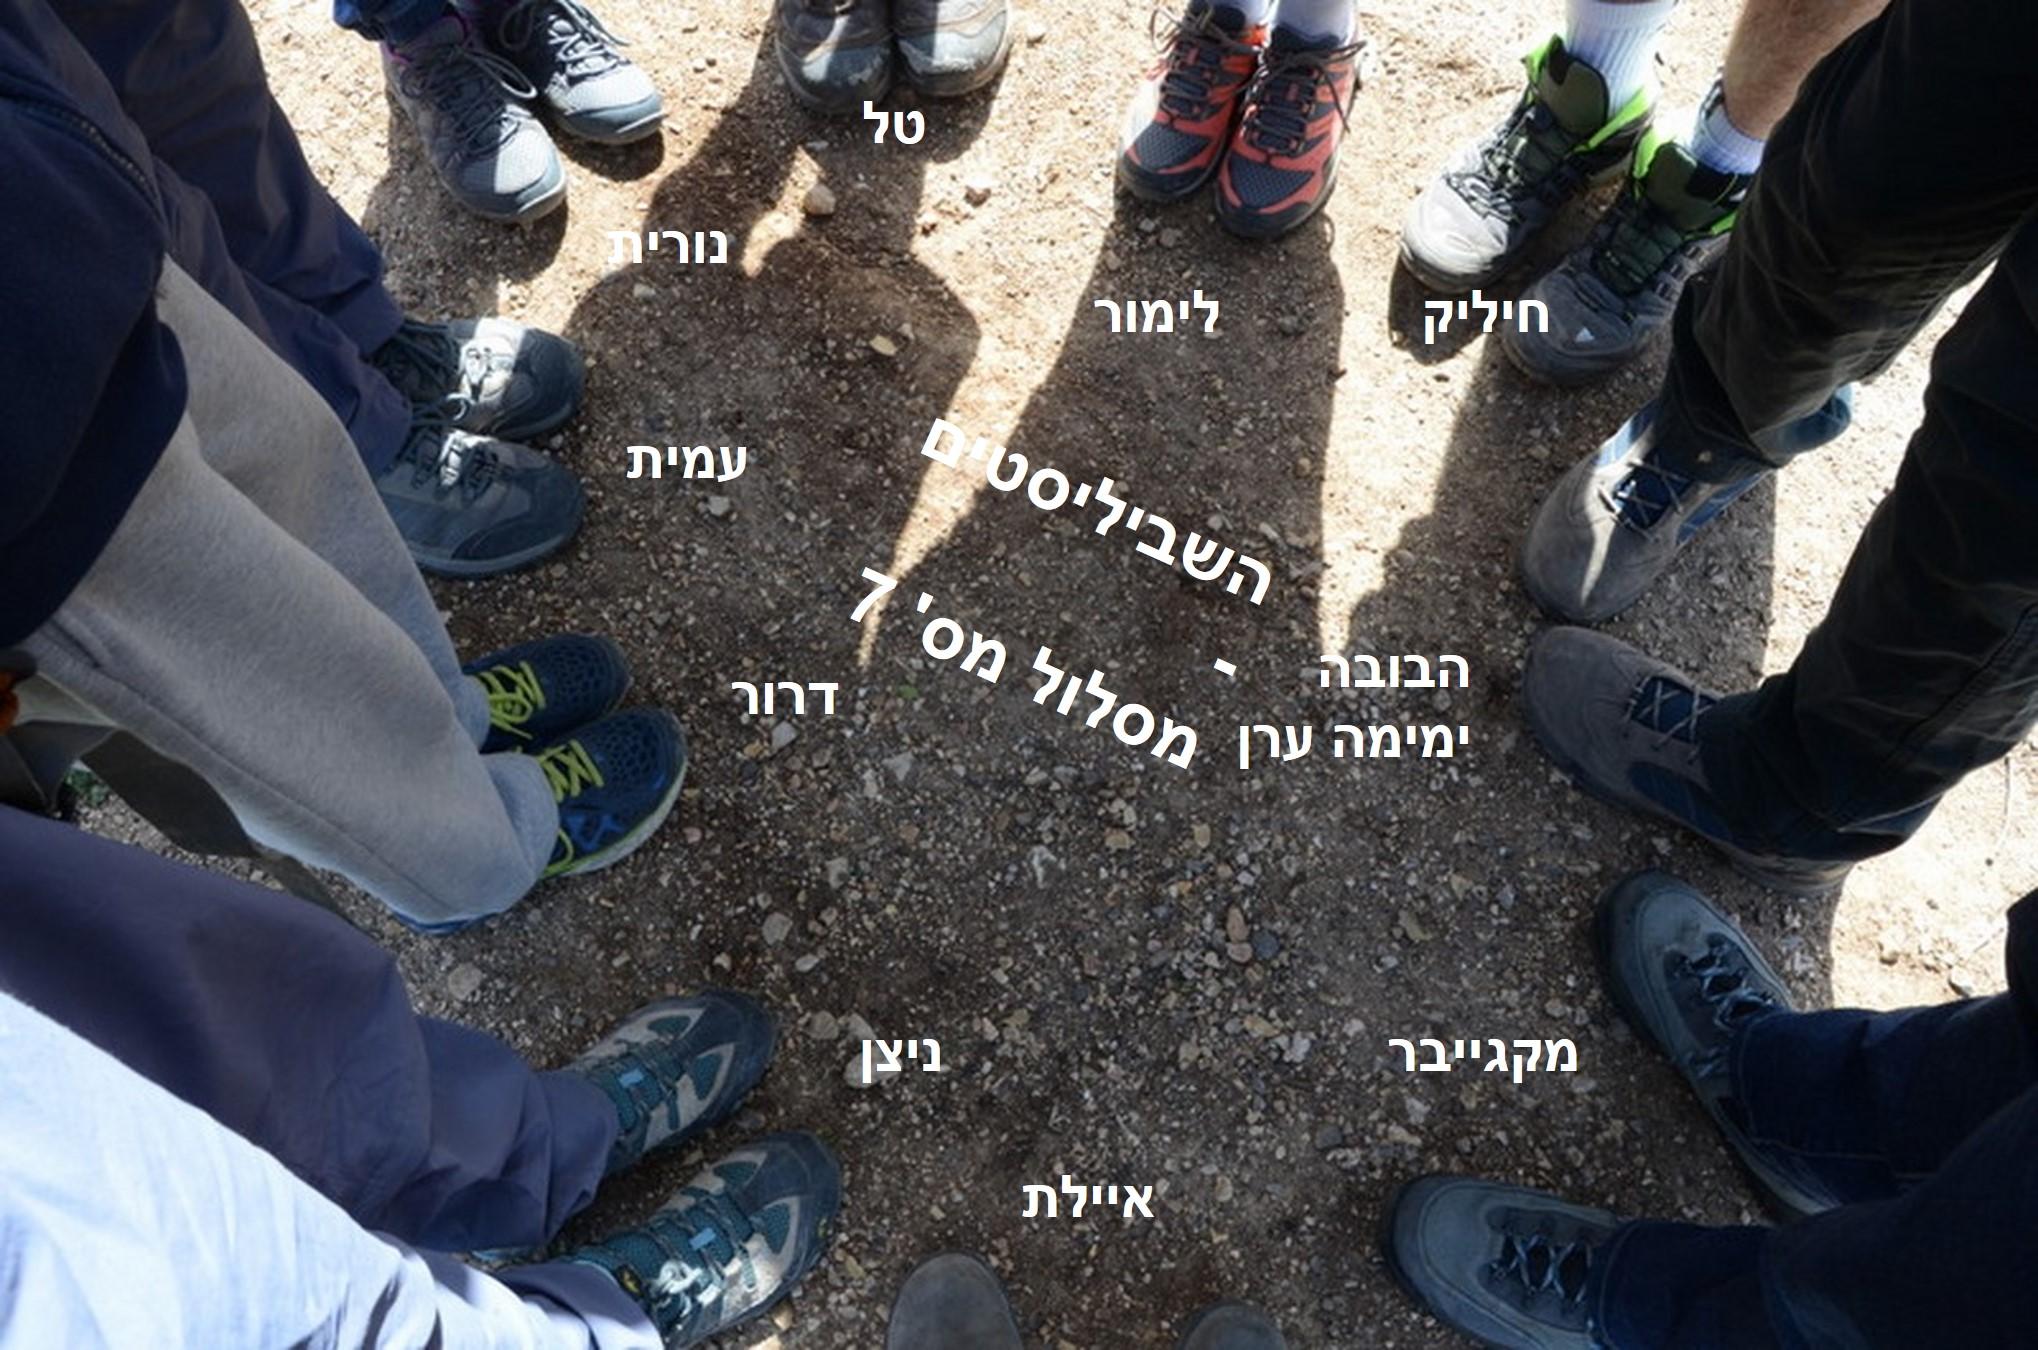 שביל ישראל: מסלול מס' 7 או: איך נתקענו בנחל עמוד בחושך מוחלט